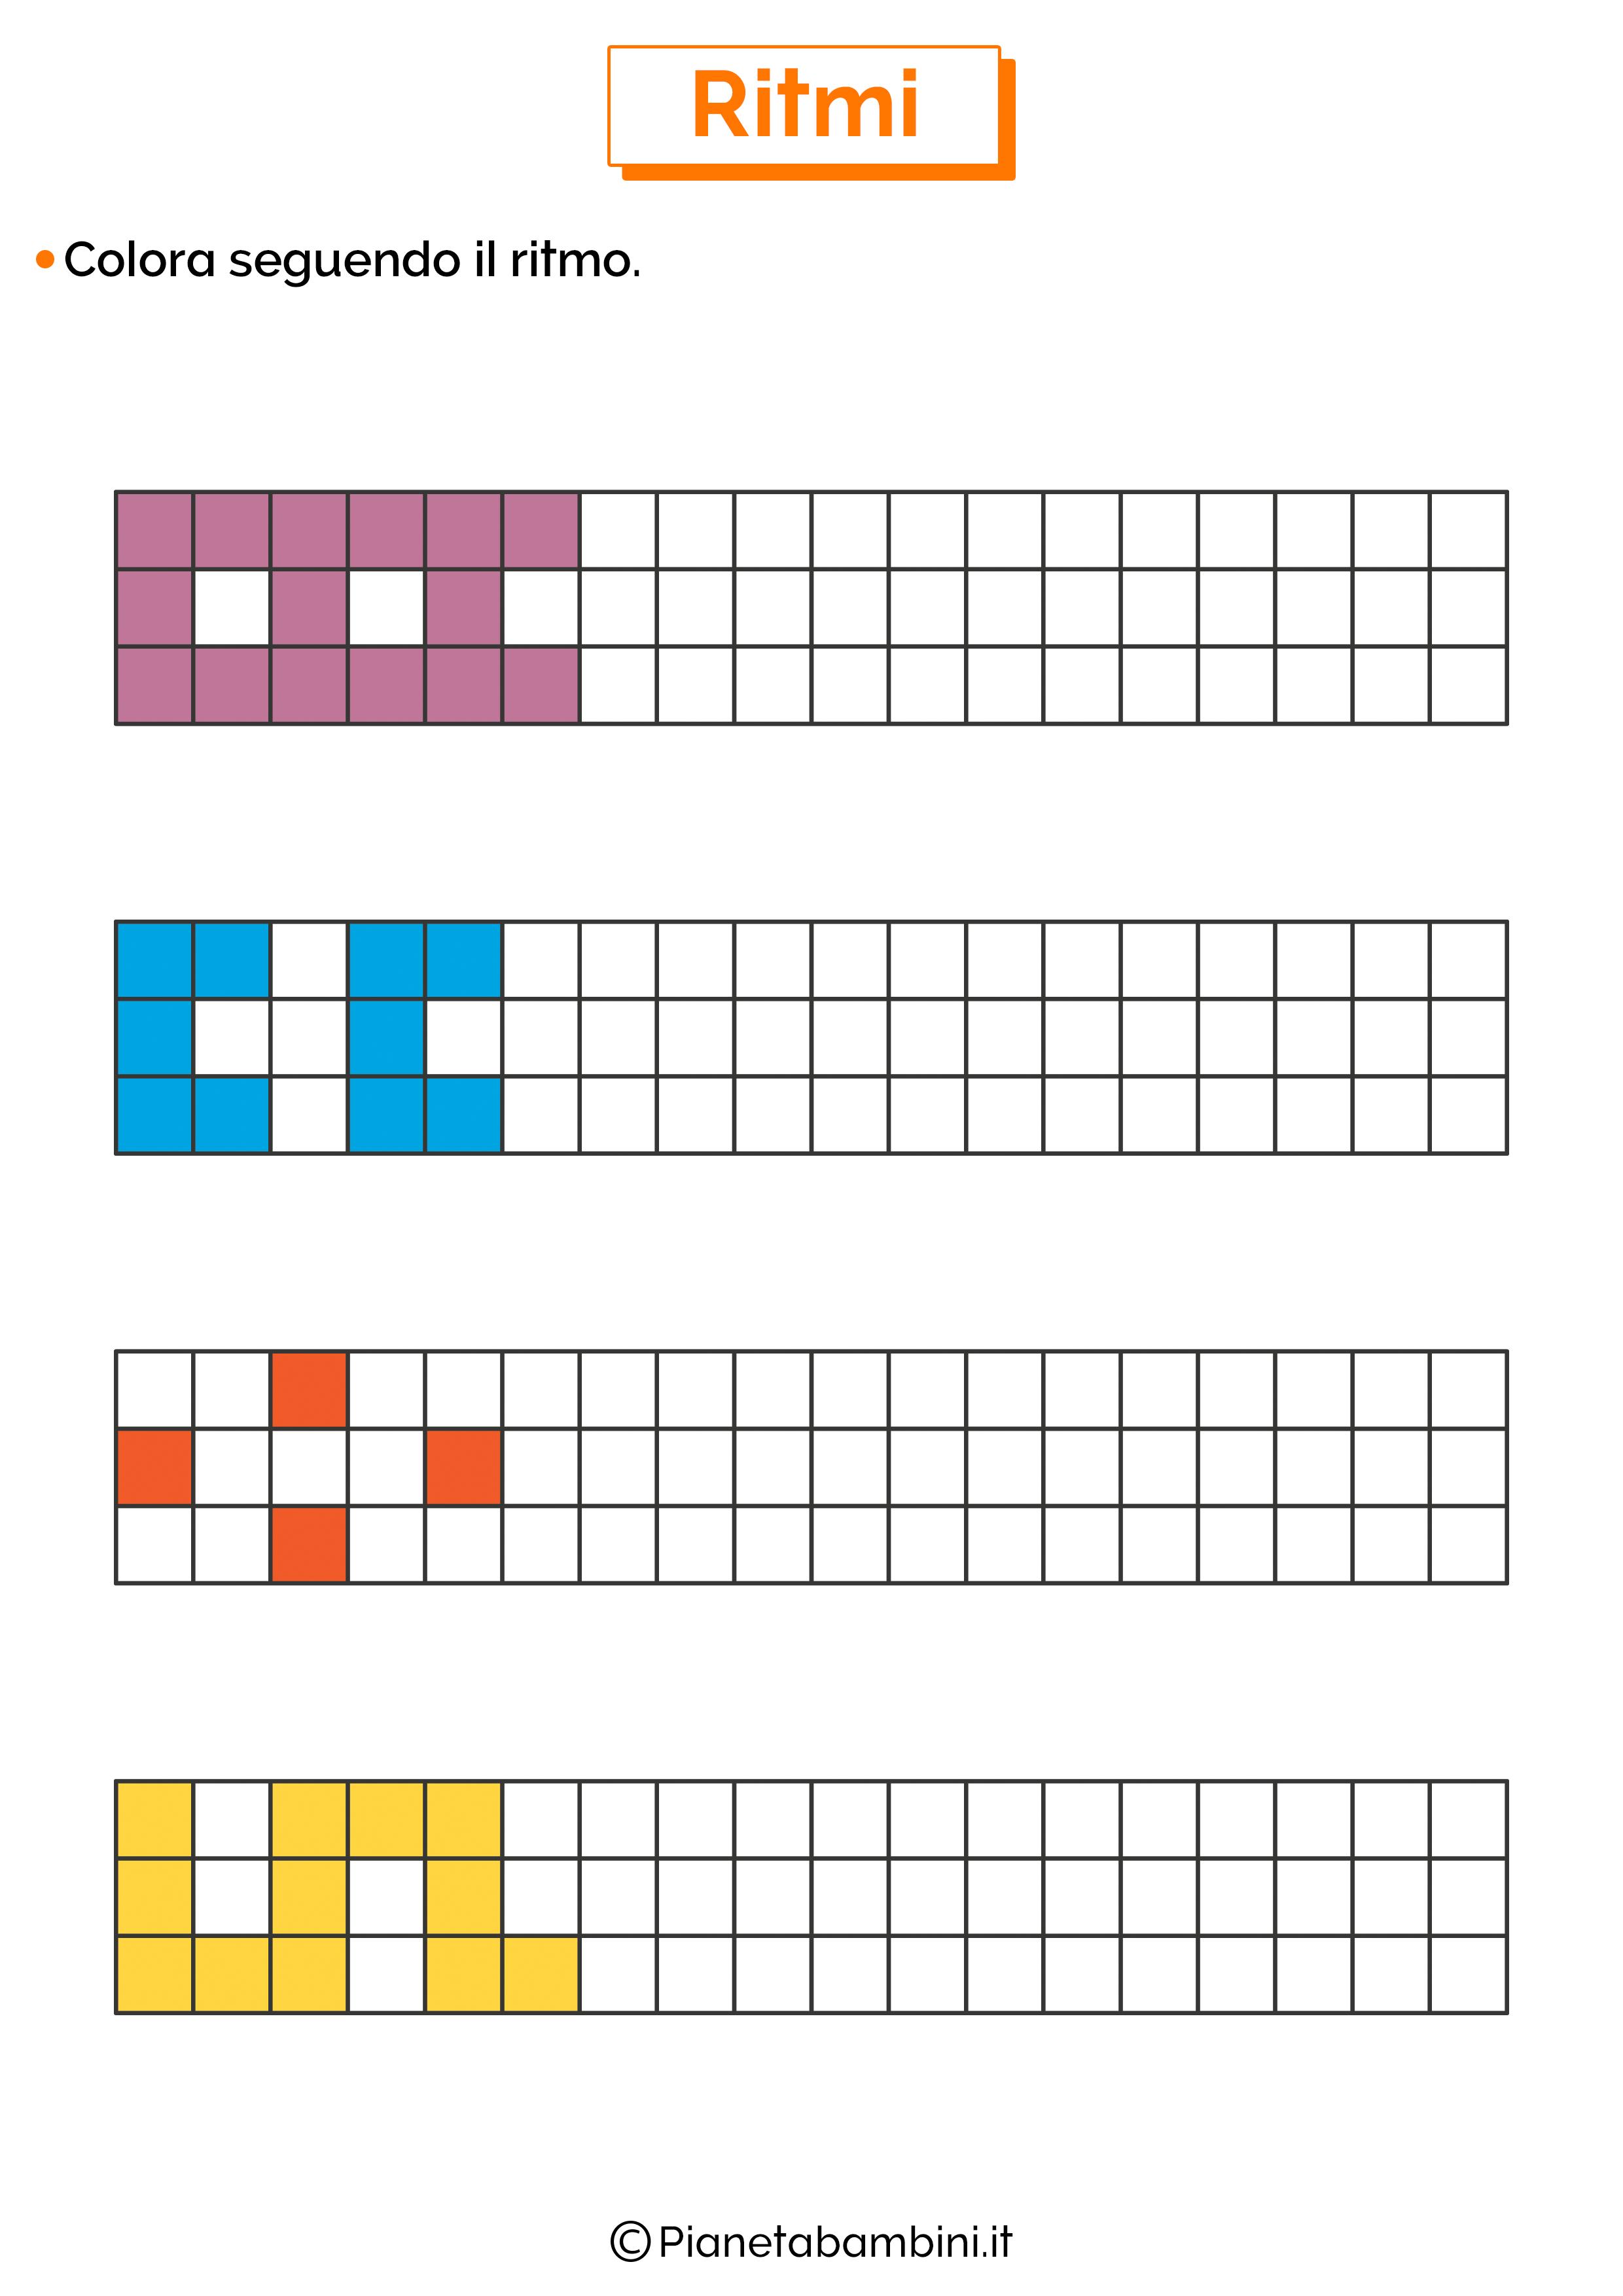 Esercizi sui ritmi da colorare 2